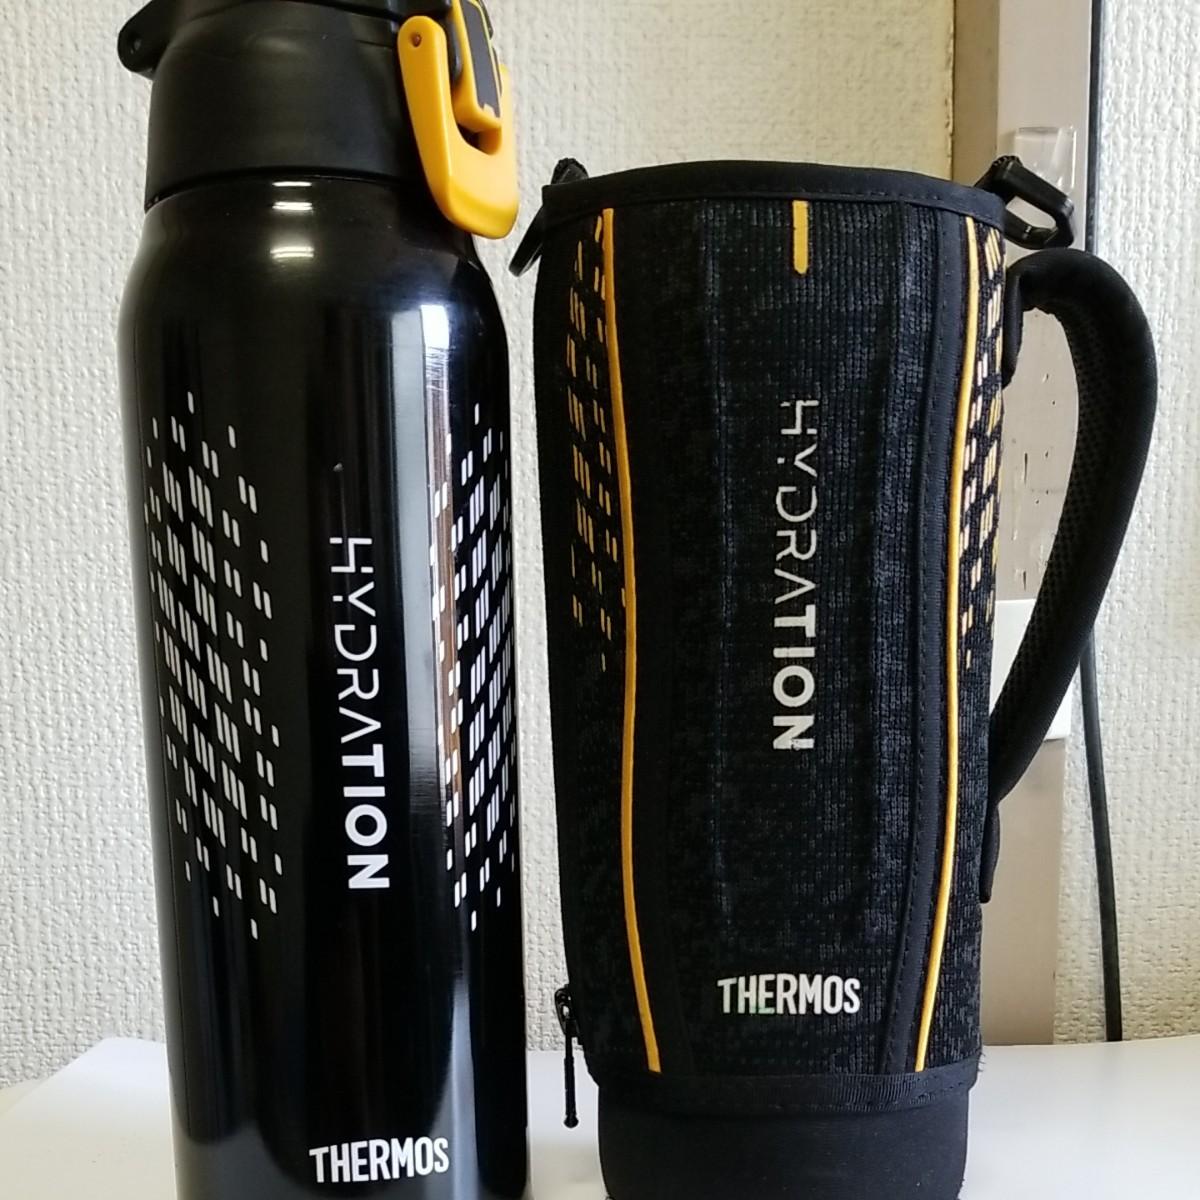 サーモス 真空断熱 スポーツボトル1.0L 今月末まで出品します